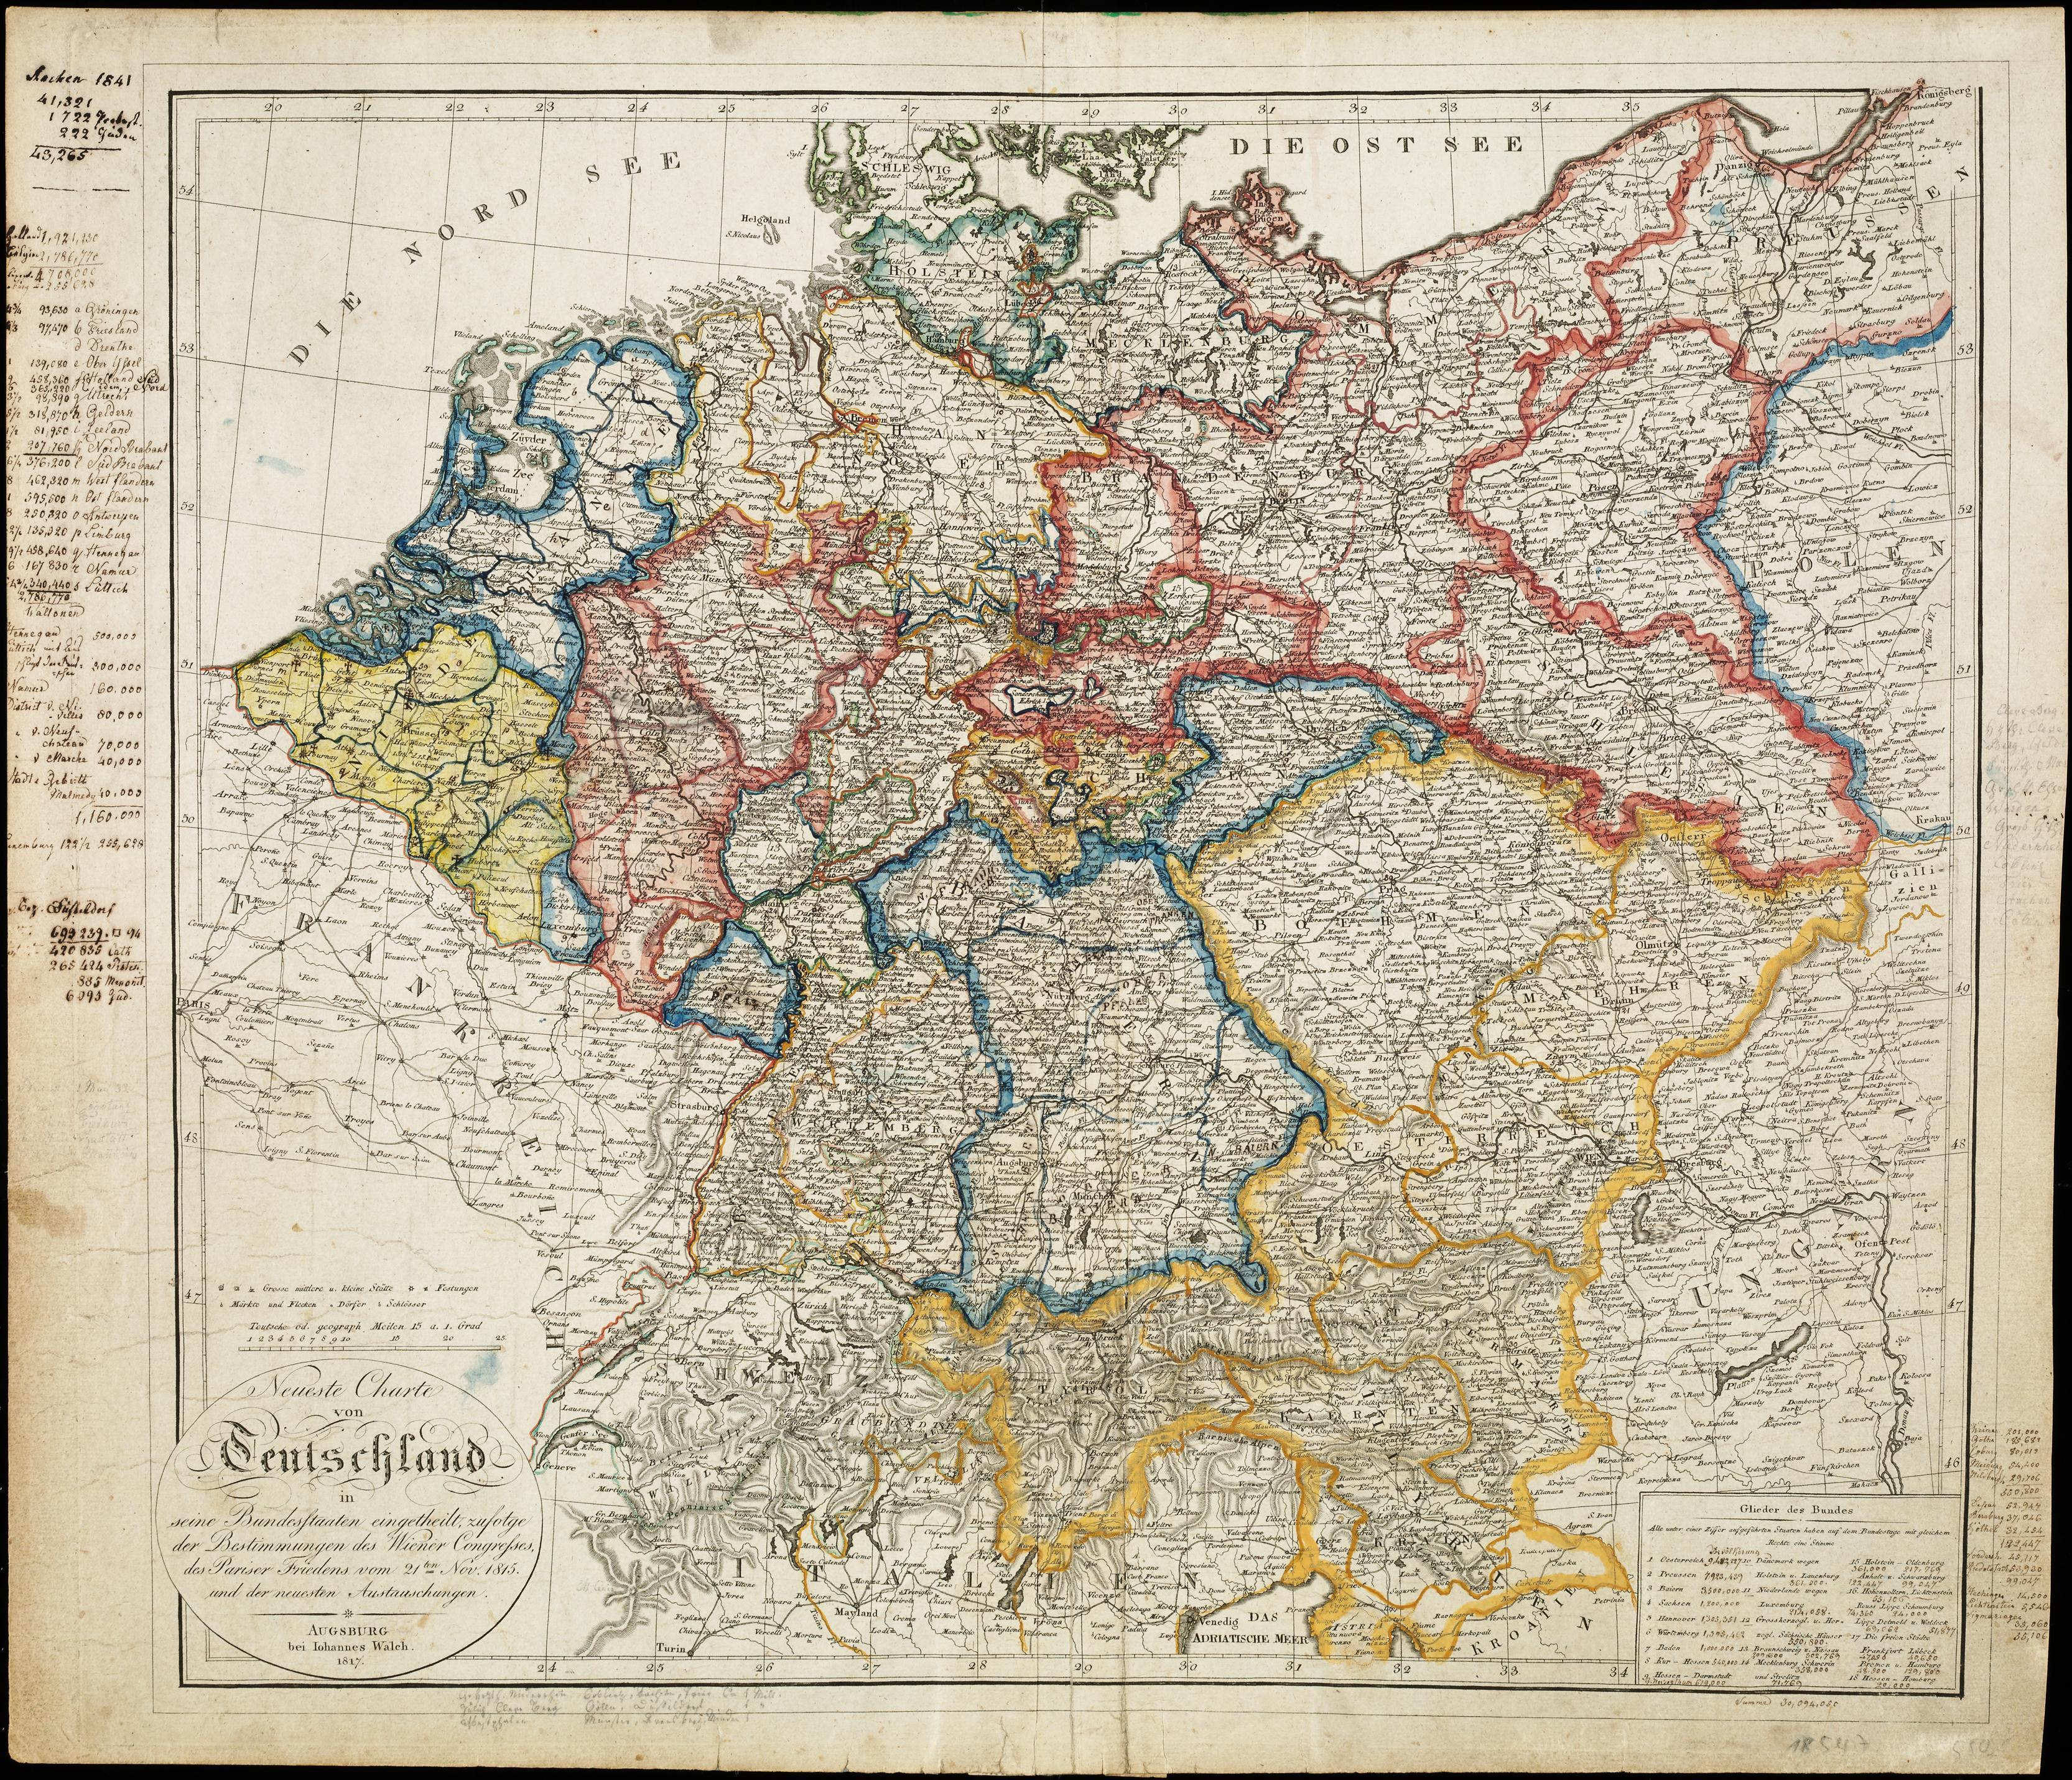 Deutsches Reich Karte 1943.Lemo Bestandsuche Deutscher Bund